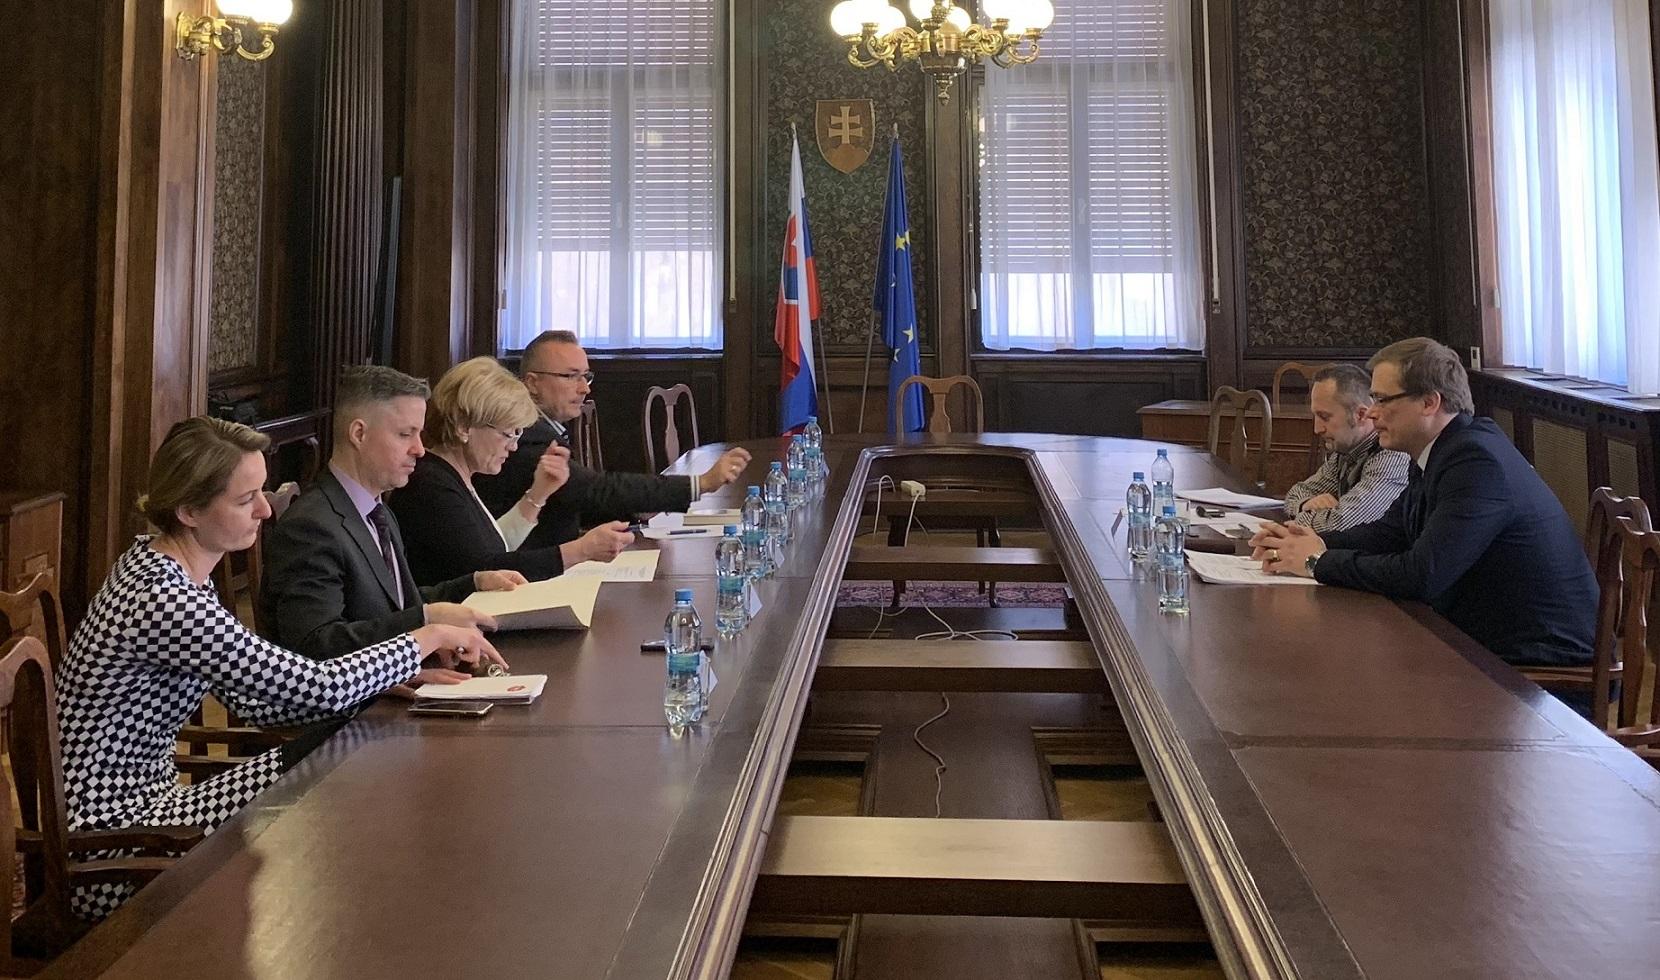 Predseda a správca Matice slovenskej hovorili s ministerkou kultúry o národnej kultúre